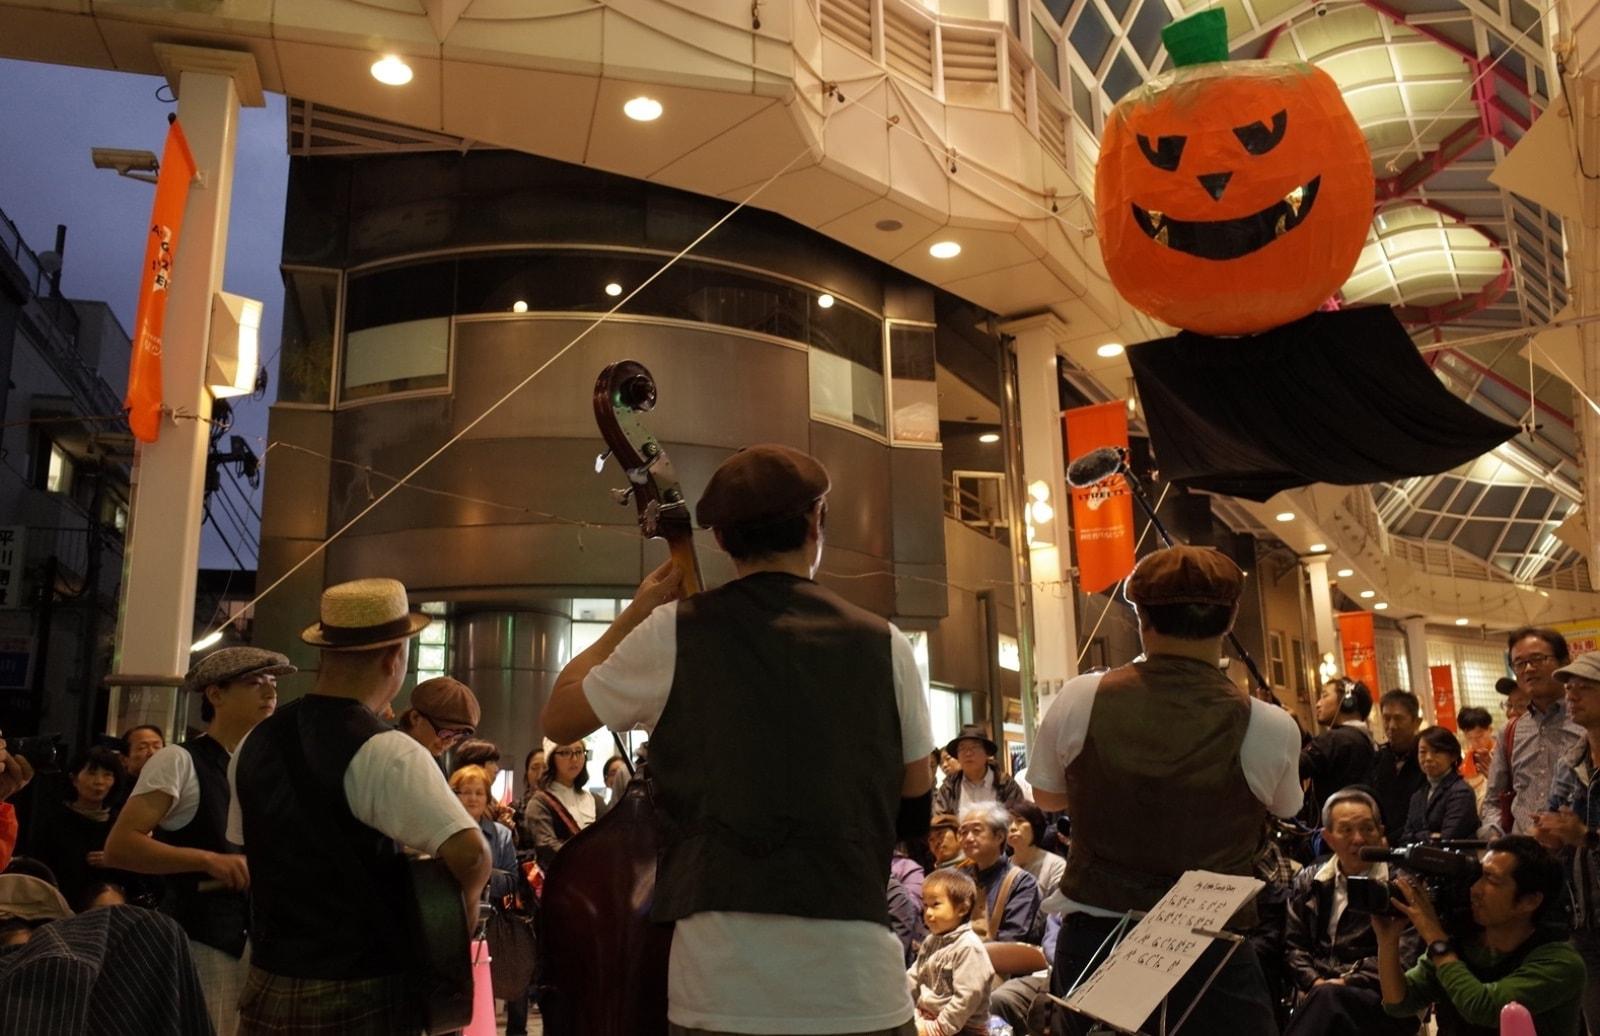 商店街で楽器を演奏している様子